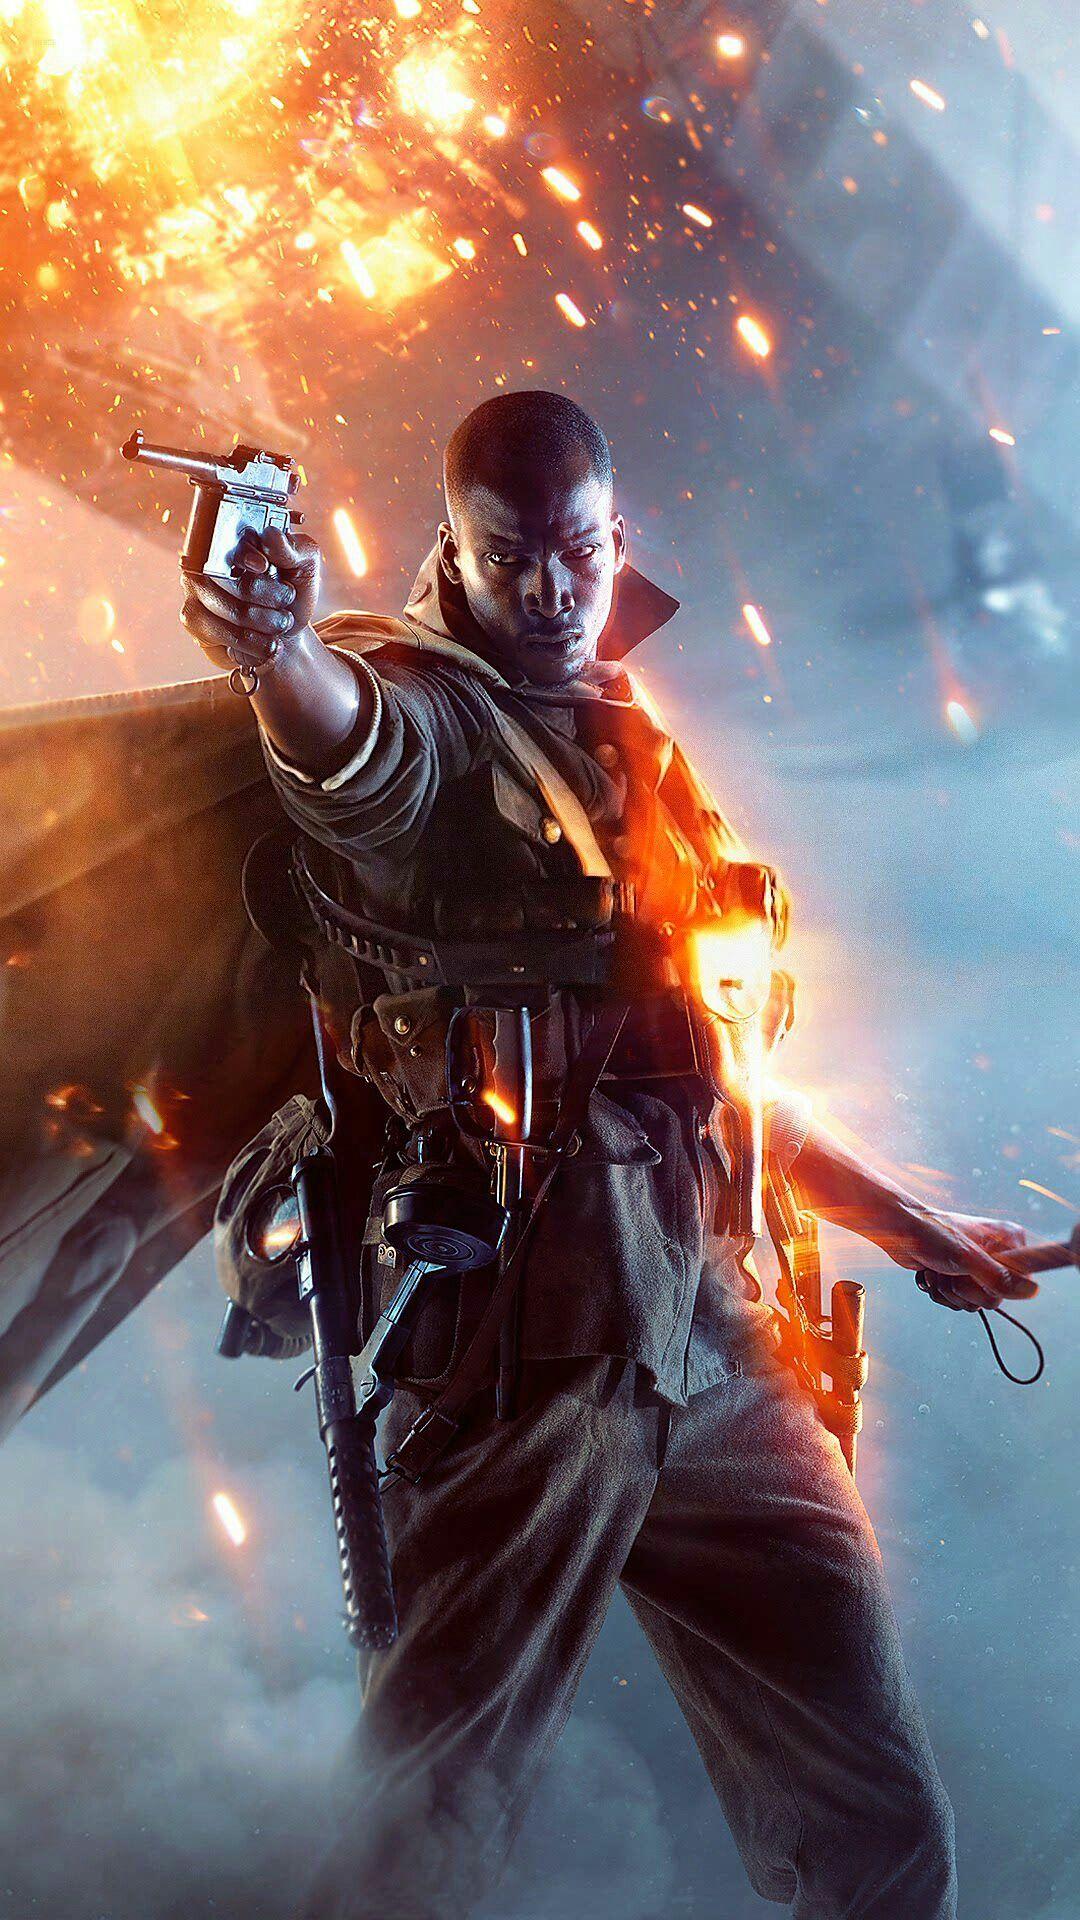 Battlefield 1 Wallpaper Battlefield 1 Xbox One Campo De Batalha